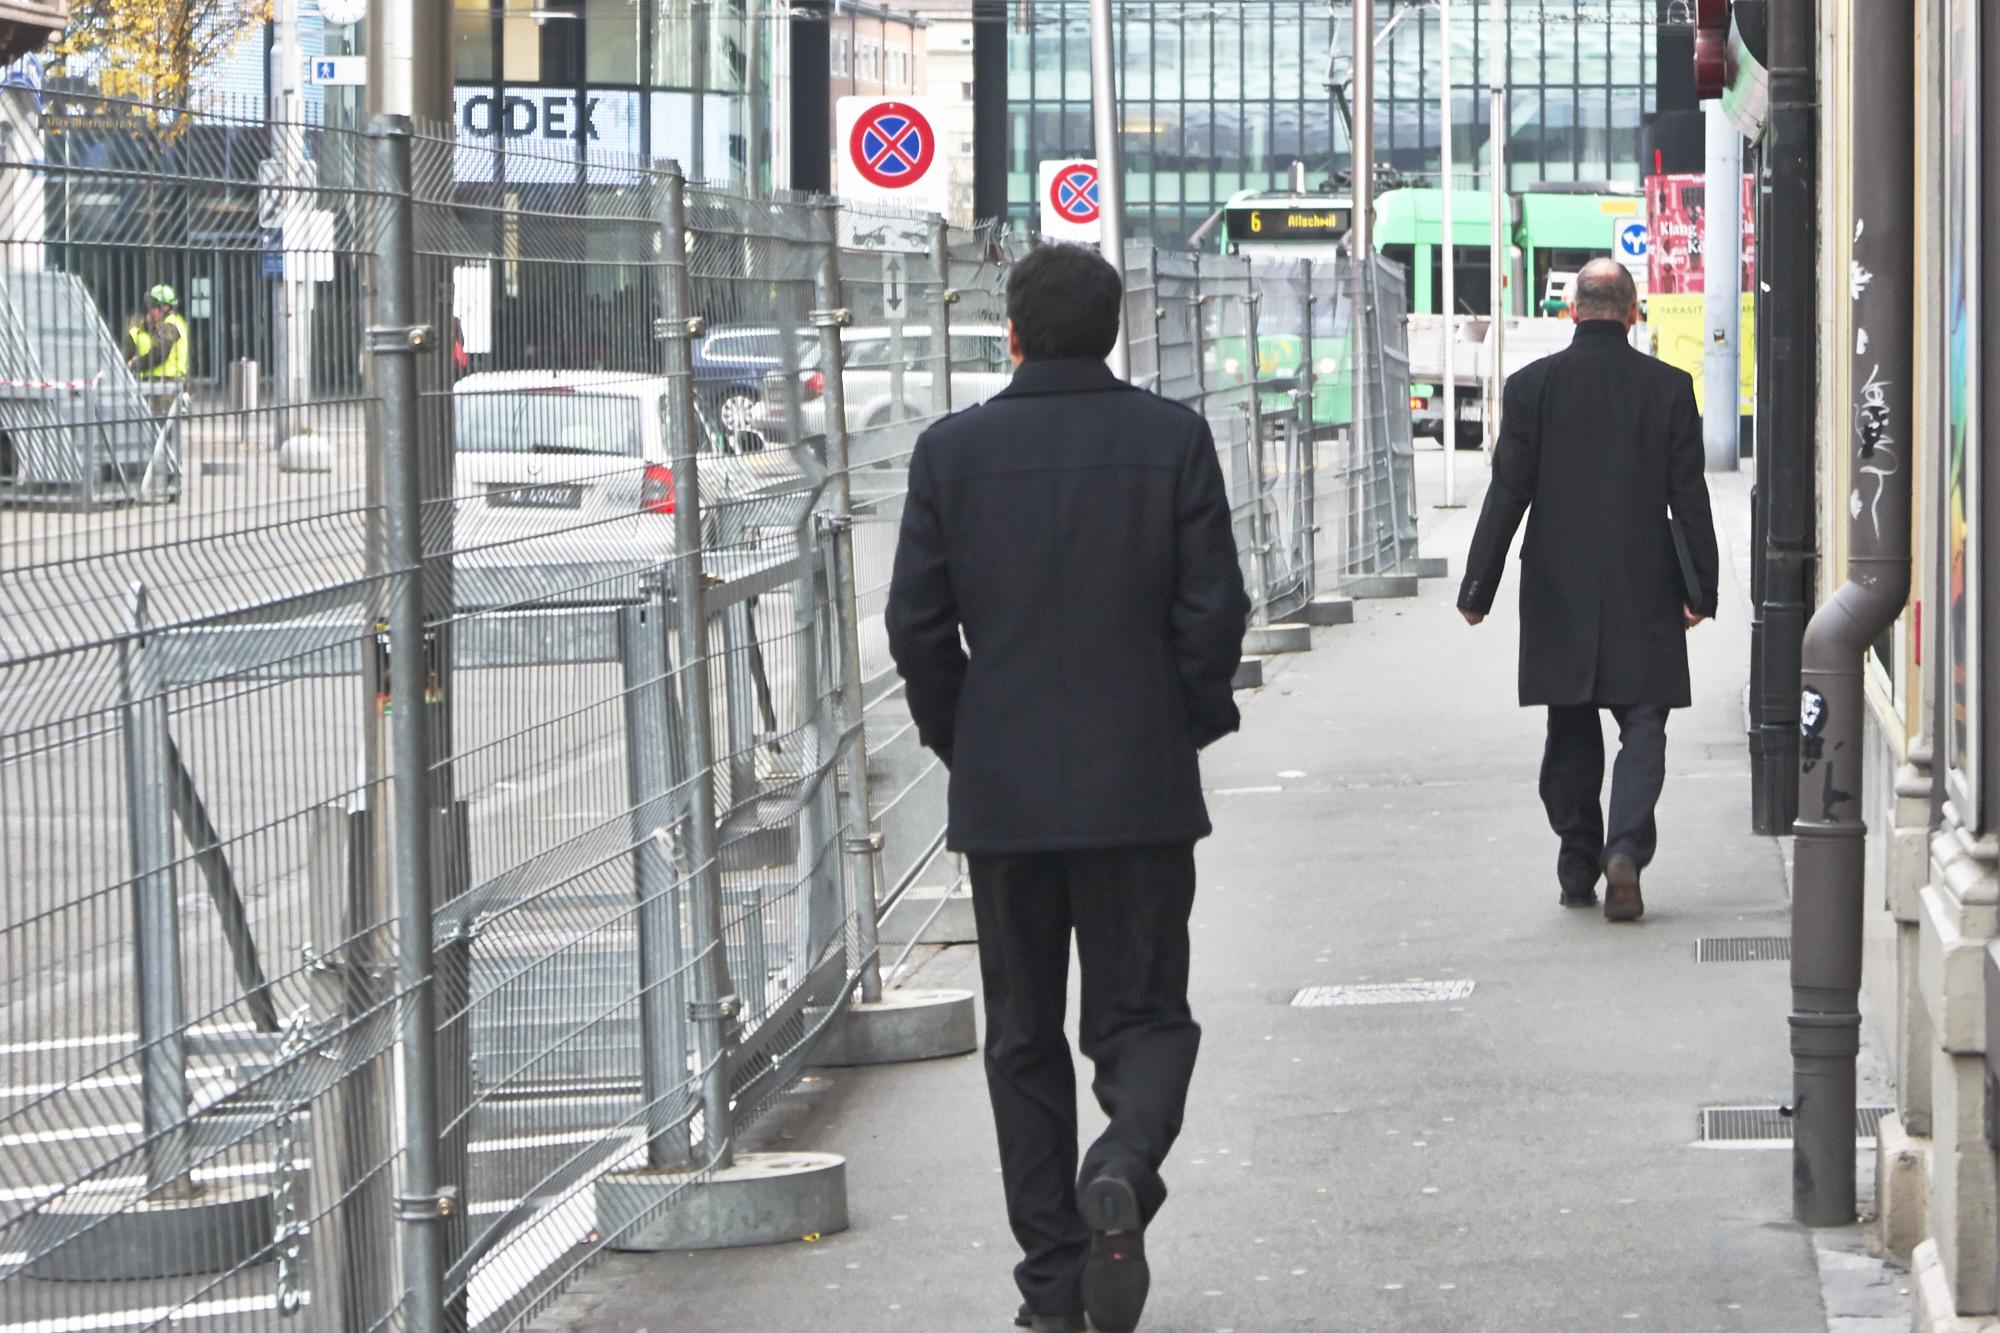 Flanieren neben dem Zaun: Seit Donnerstag, 20. November, wird die Clarastrasse für die OSZE sicher gemacht.